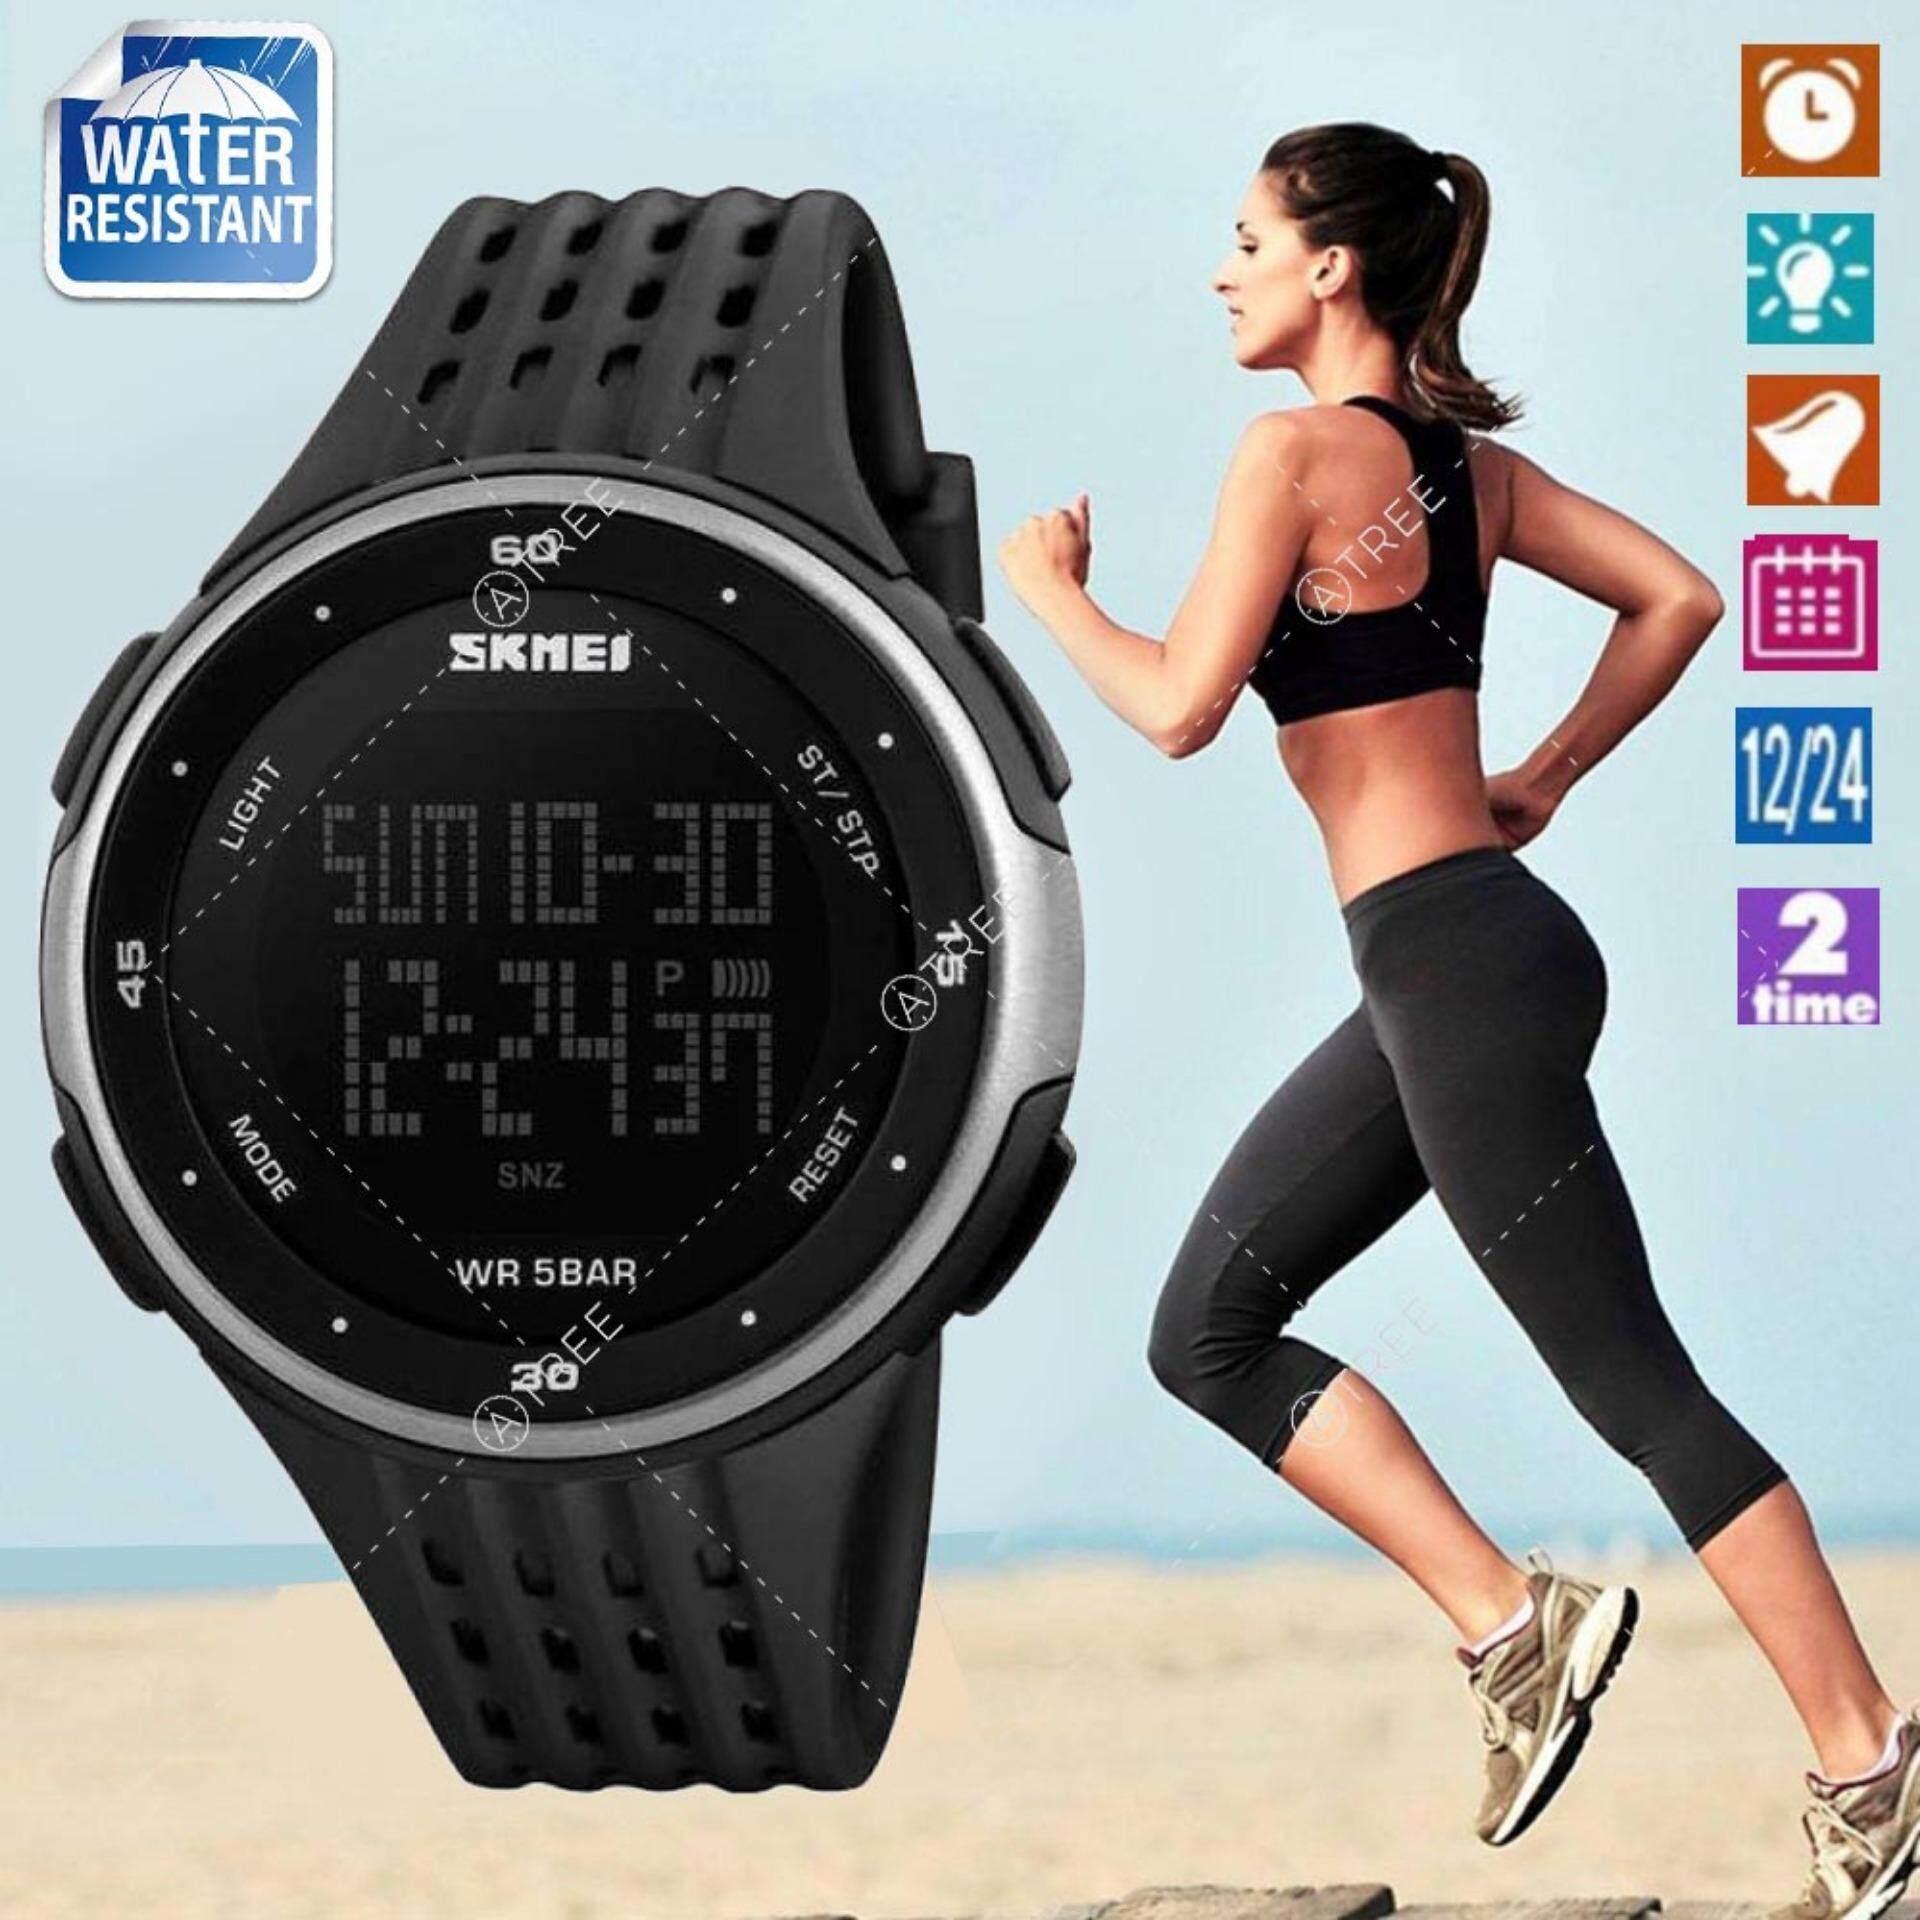 ราคา Skmei ของแท้ 100 ส่งในไทยไวแน่นอน นาฬิกาข้อมือผู้หญิง สไตล์ Sport Digital Watch บอกวันที่ ตั้งปลุก จับเวลา ตัวเลข Led ใหญ่ ชัดเจน กันน้ำ สายเรซิ่นสีดำ รุ่น Sk M1219 สีเงิน Silver กรุงเทพมหานคร